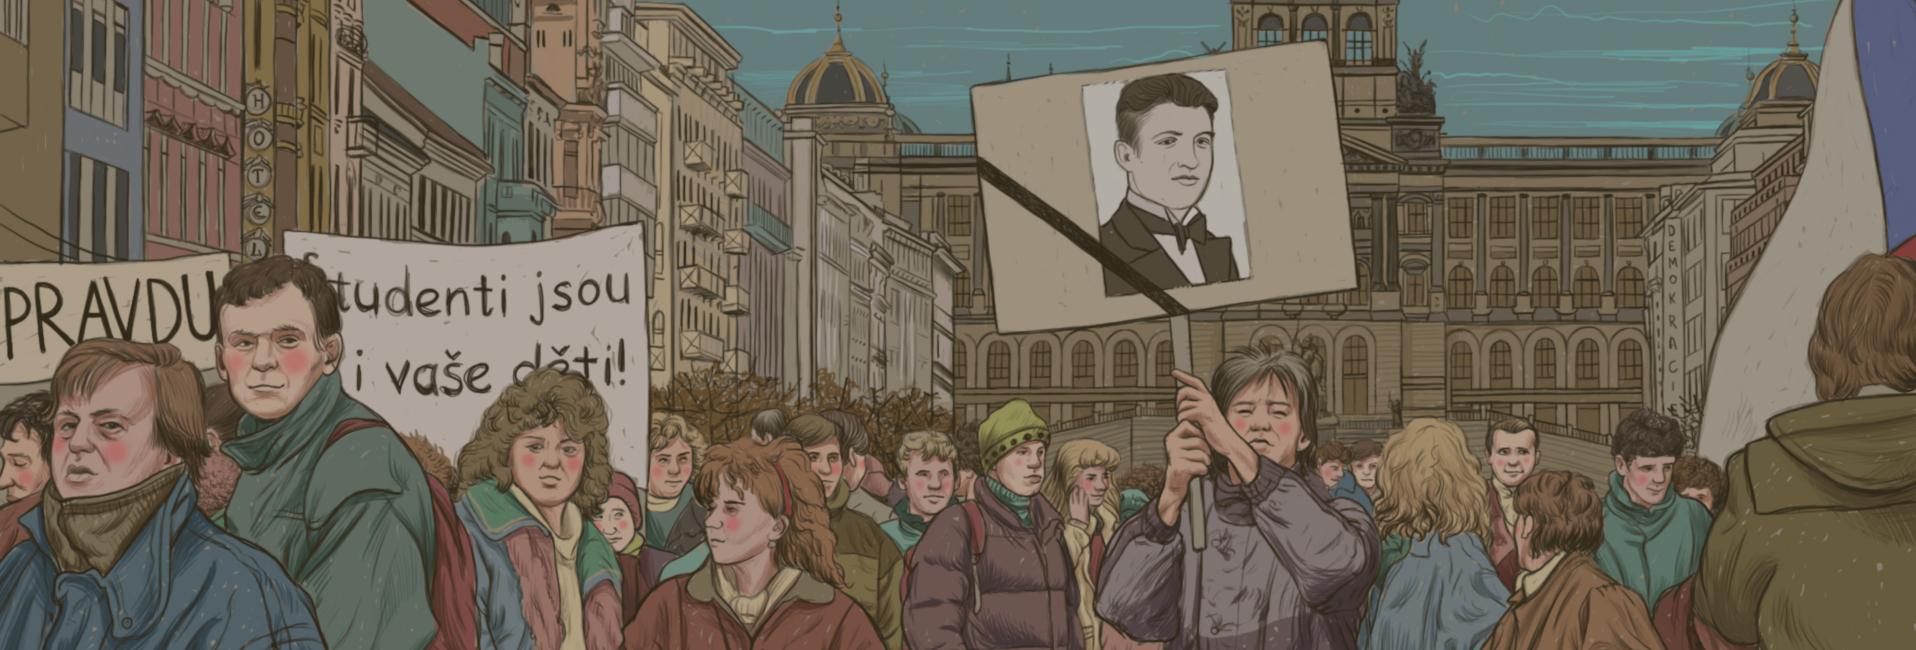 17. listopad 1989 v Praze